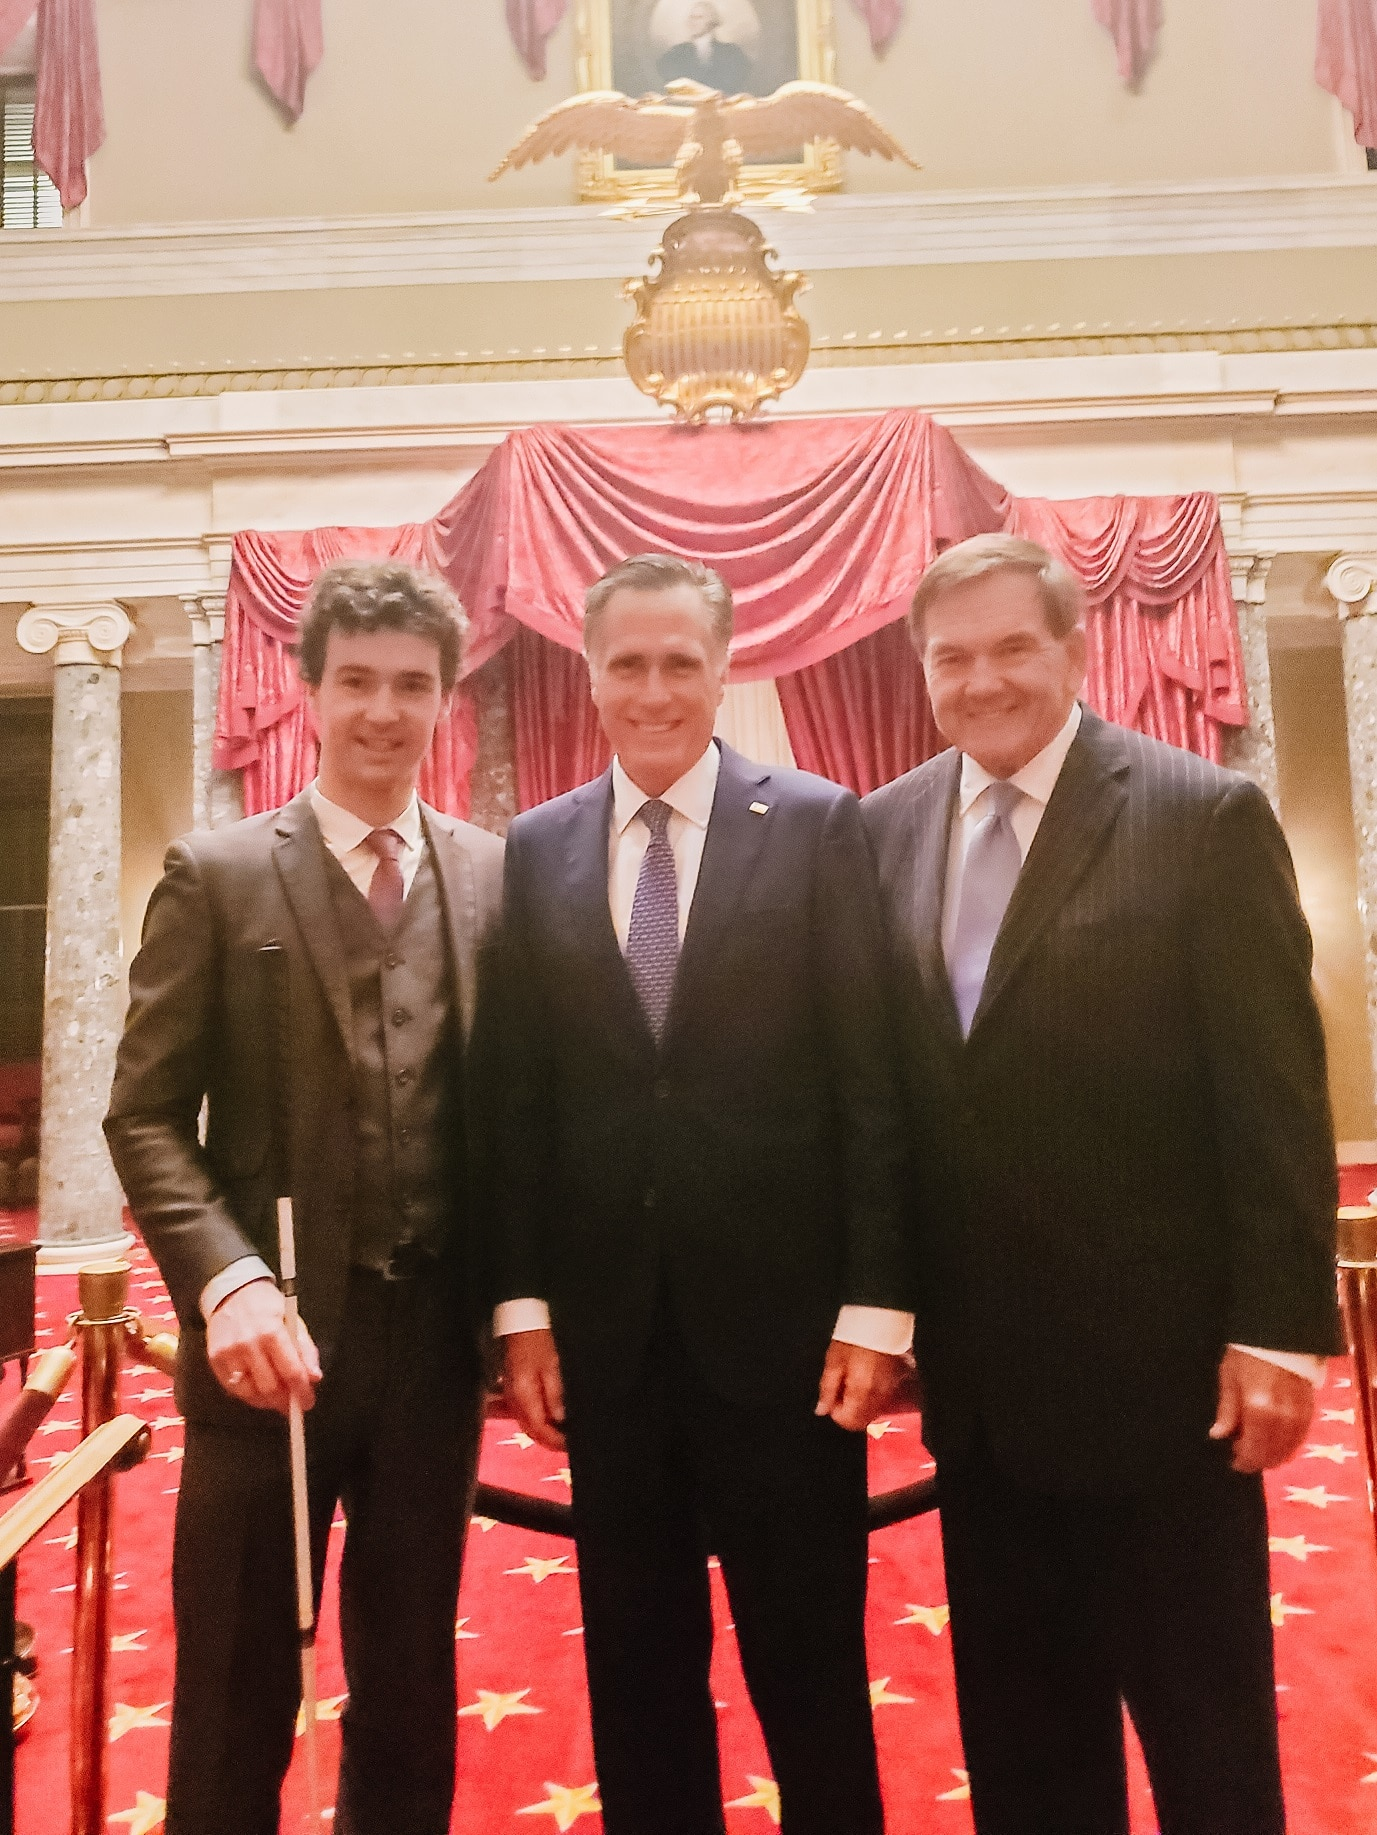 From left: Charles, Sen. Romney and Gov. Ridge